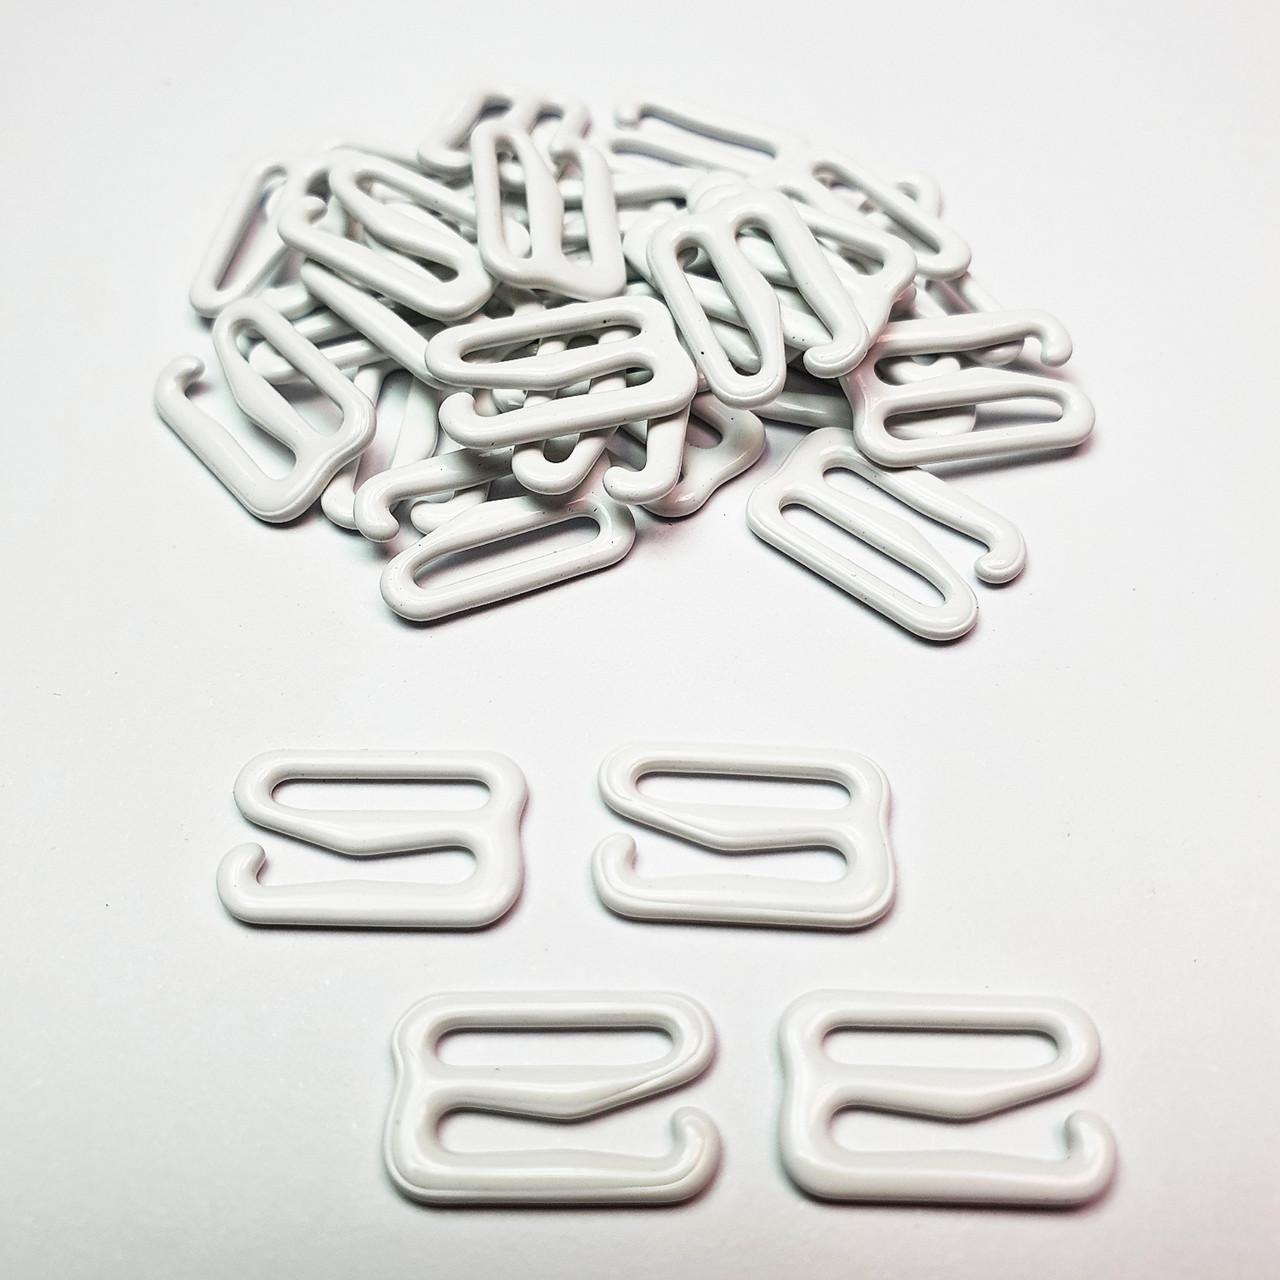 Гачок для бюстгальтера, для бретелей, регулятори 15мм метал білий (Фарбований емаль) (20 шт/уп).